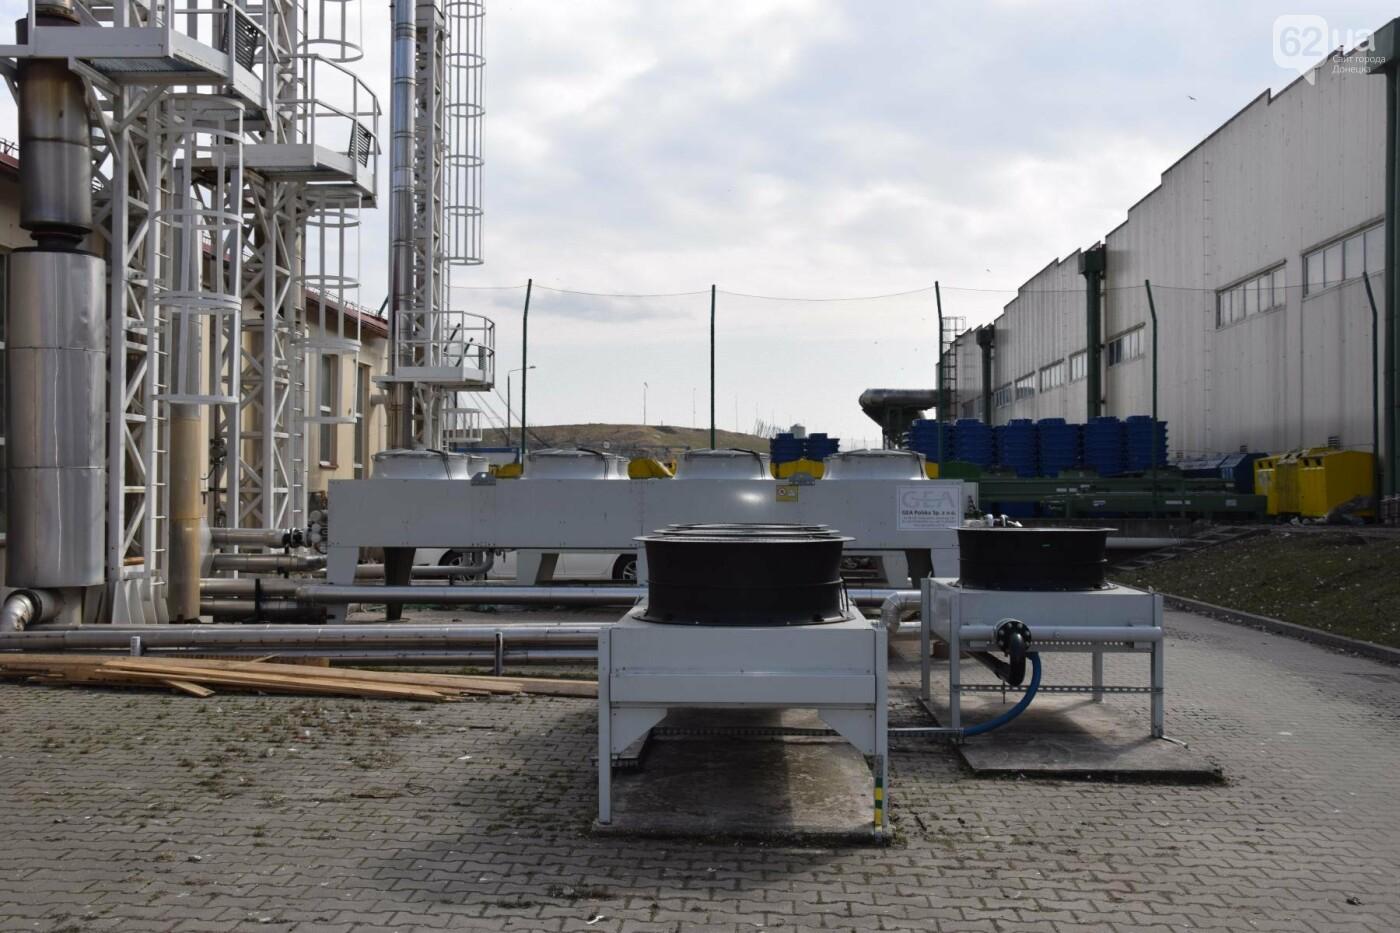 Почему дымят заводы, или Когда небо над промышленным Мариуполем будет таким же, как над промышленным Гданьском, фото-4